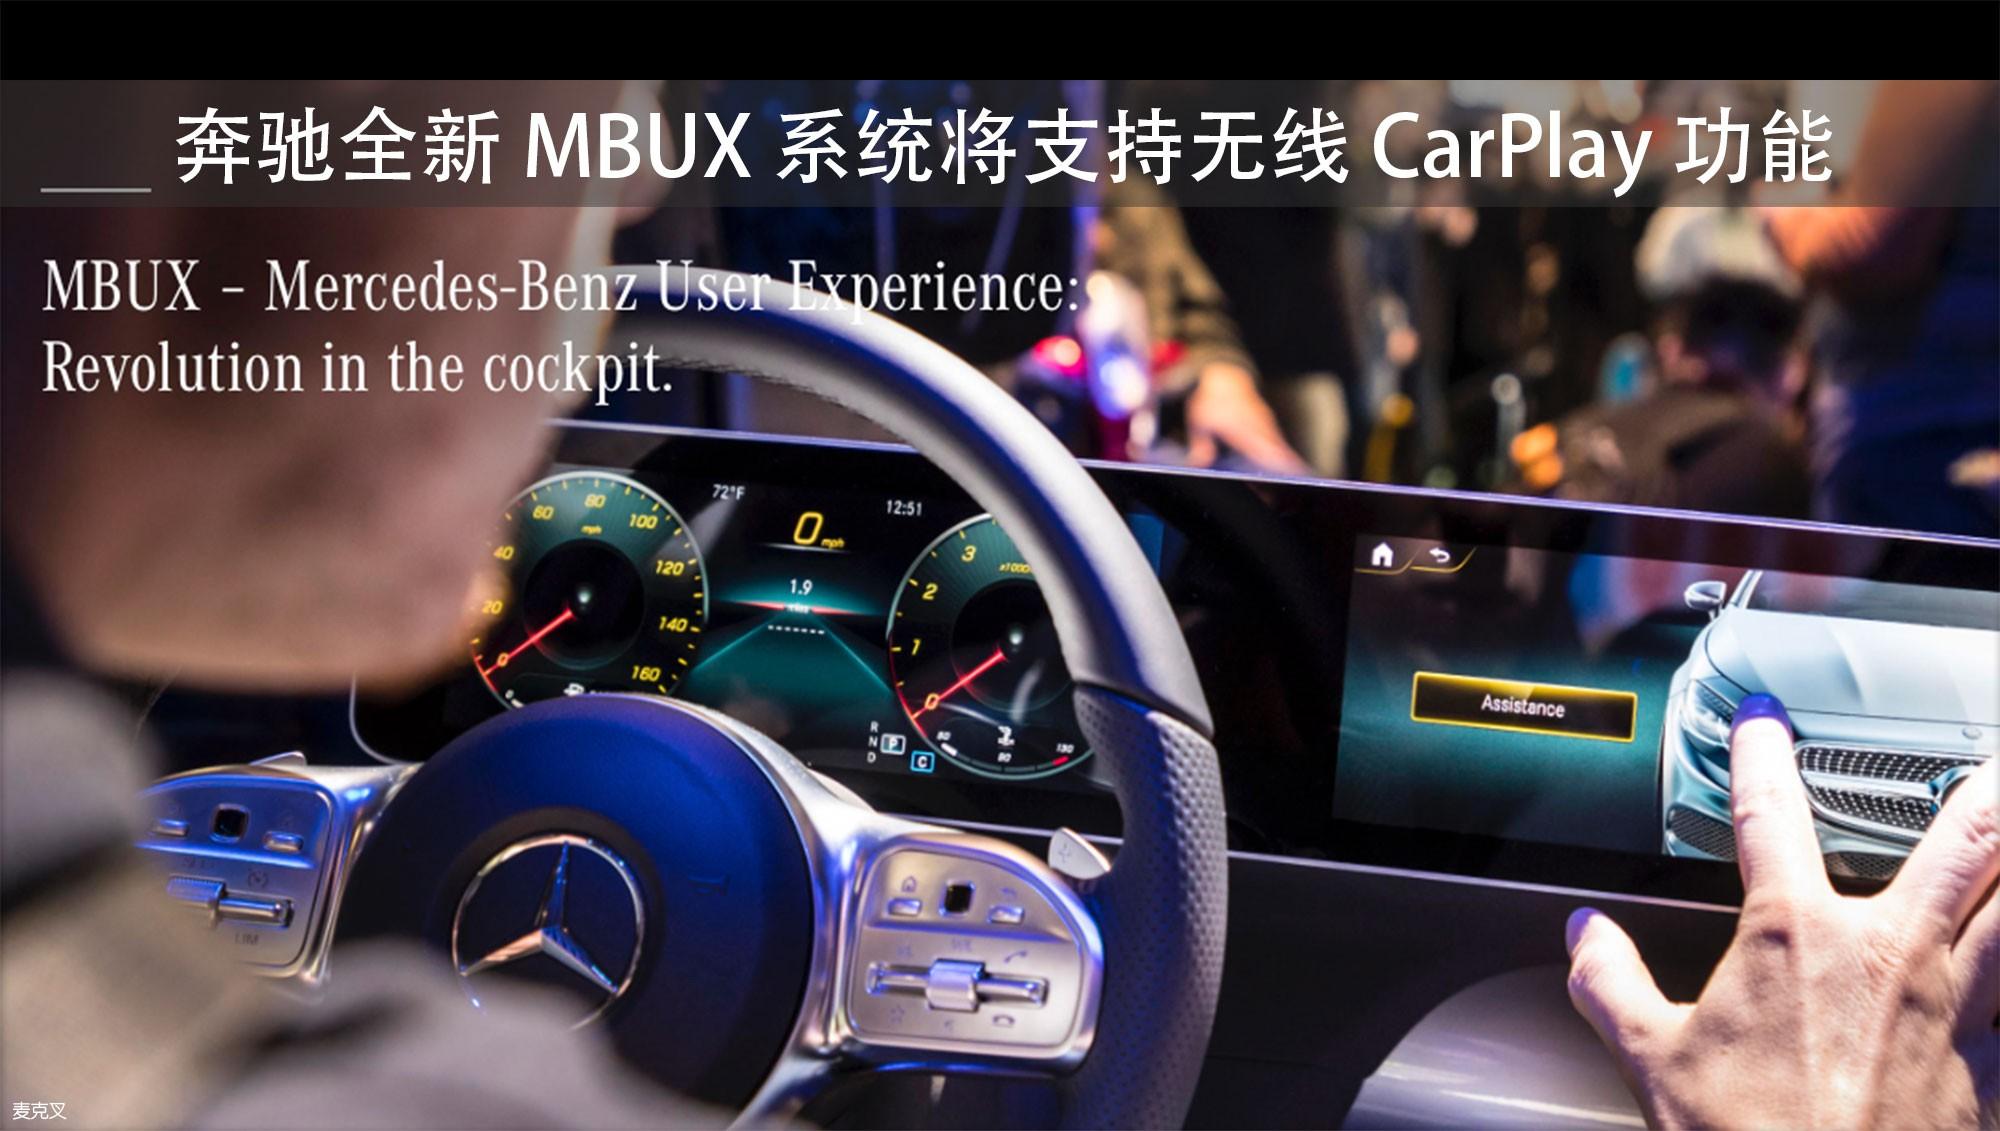 奔驰全新 MBUX 系统将支持无线 CarPlay 功能